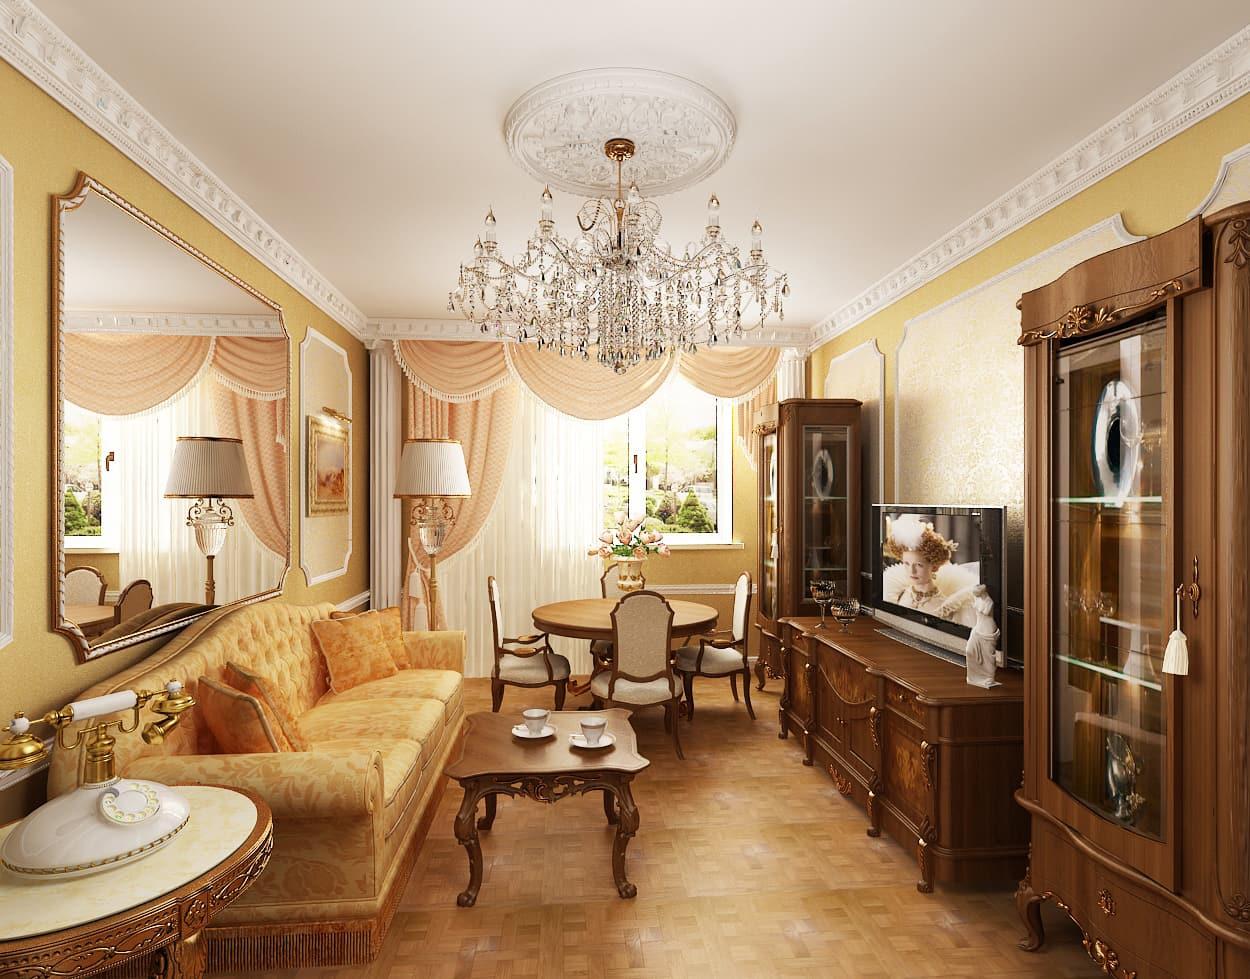 Трудно представить классический интерьер без наличия в нем деревянного стола и стульев